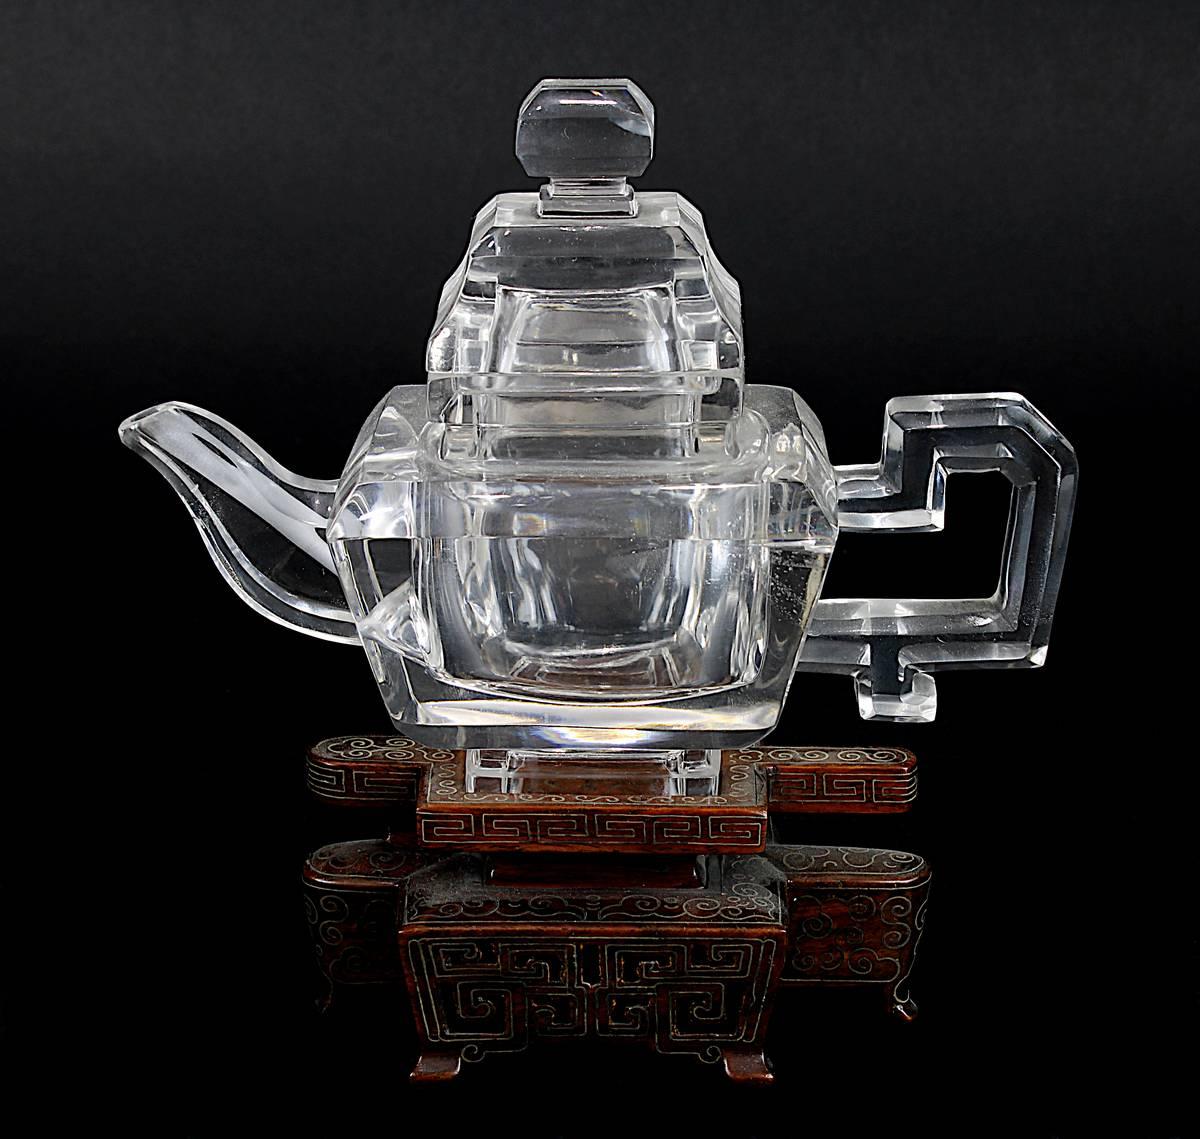 1-0012 - Teekanne aus Bergkristall, China um 1920 Image